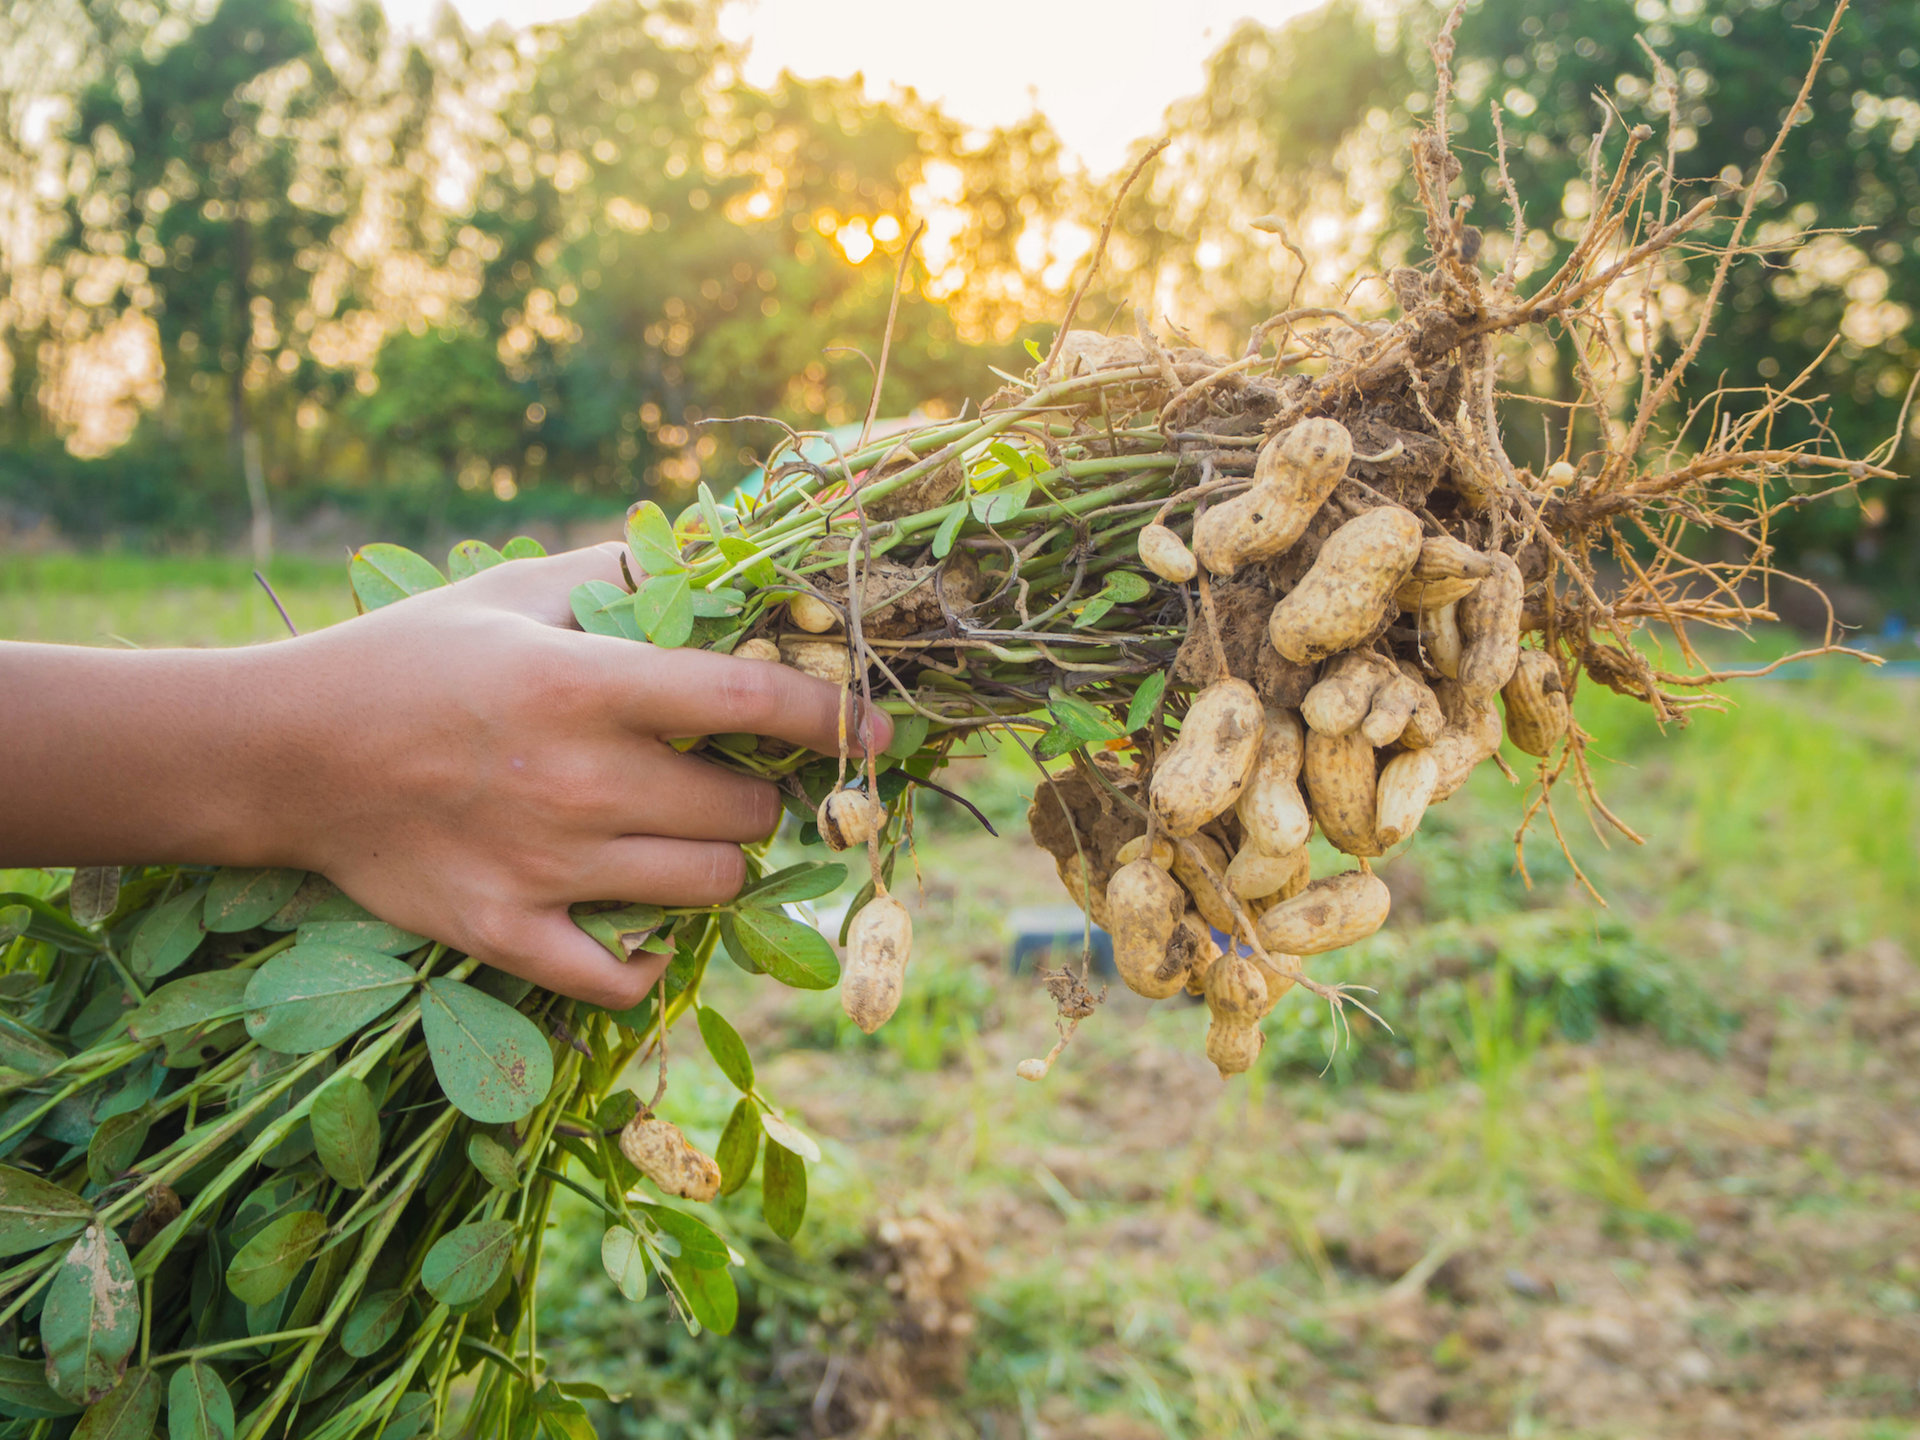 Картинка арахиса растения